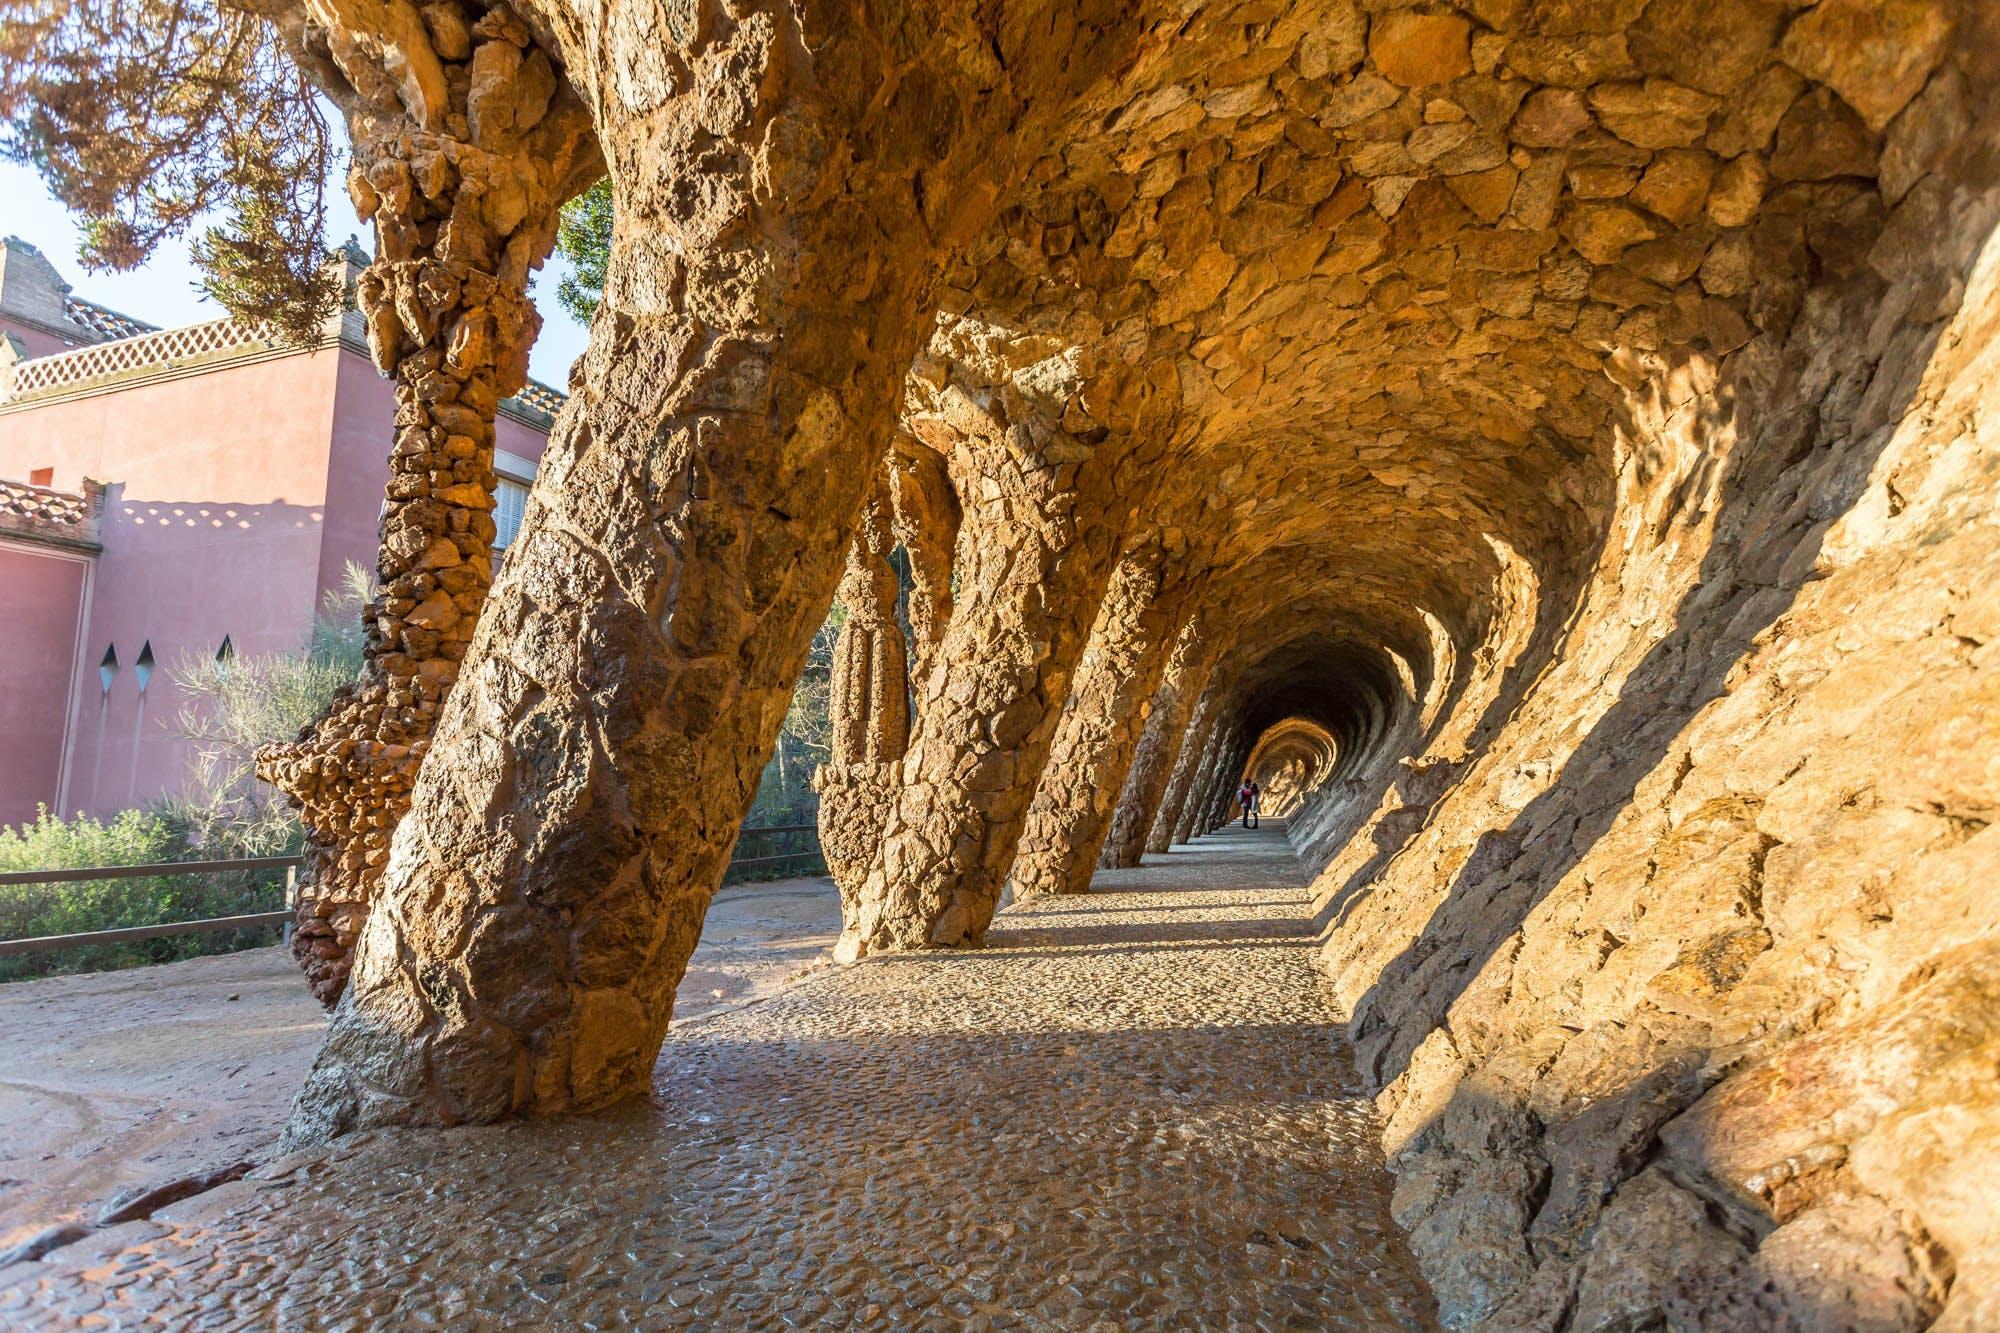 Tickets, museos, atracciones,Tickets, museums, attractions,Entradas a atracciones principales,Major attractions tickets,Sagrada Familia,Parc Güell,Parc Güell,Sagrada Familia